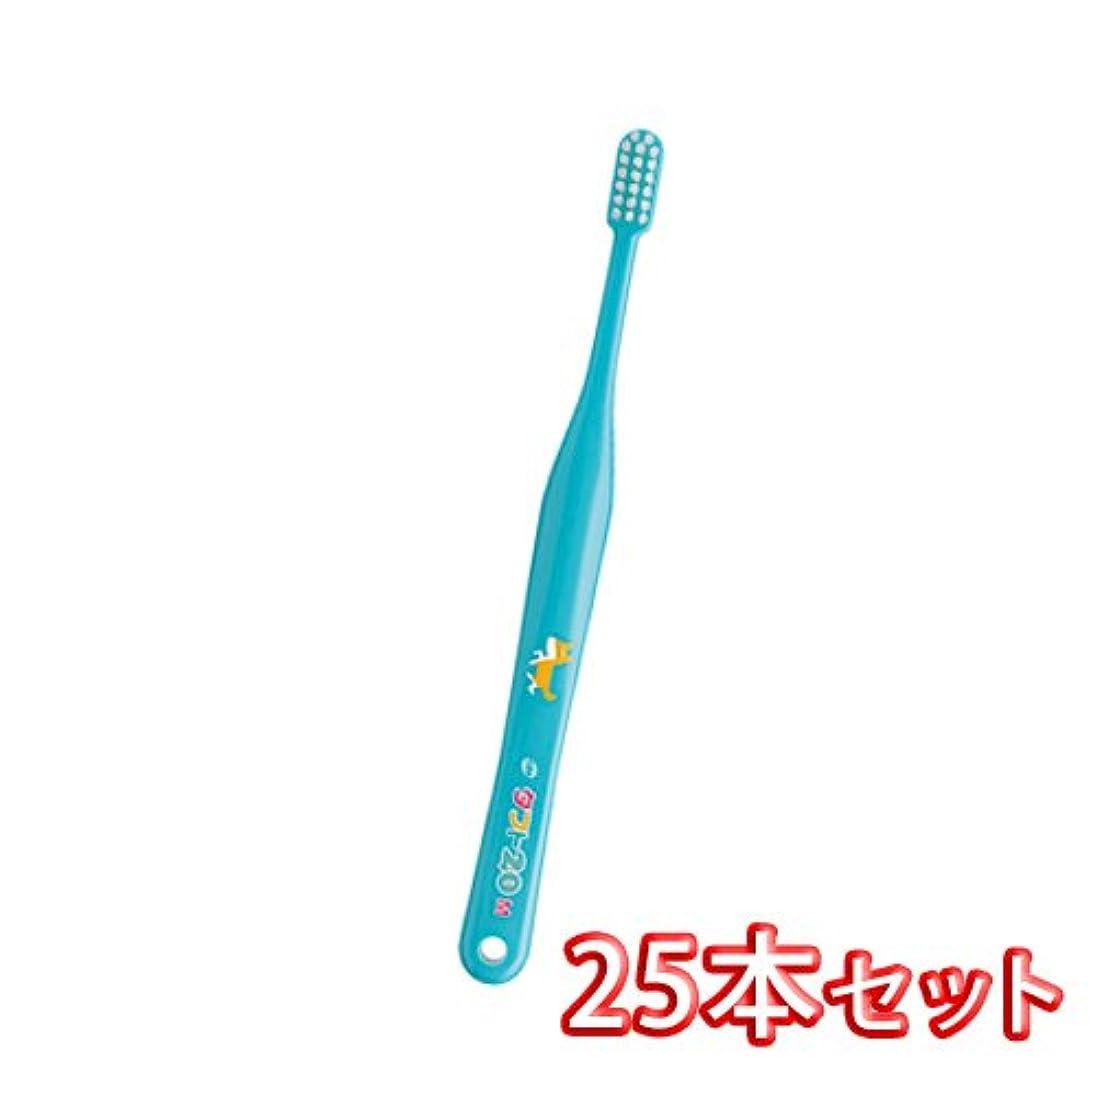 グリップエンターテインメント適切なオーラルケア タフト20 歯ブラシ ミディアム 25本入 M ブルー